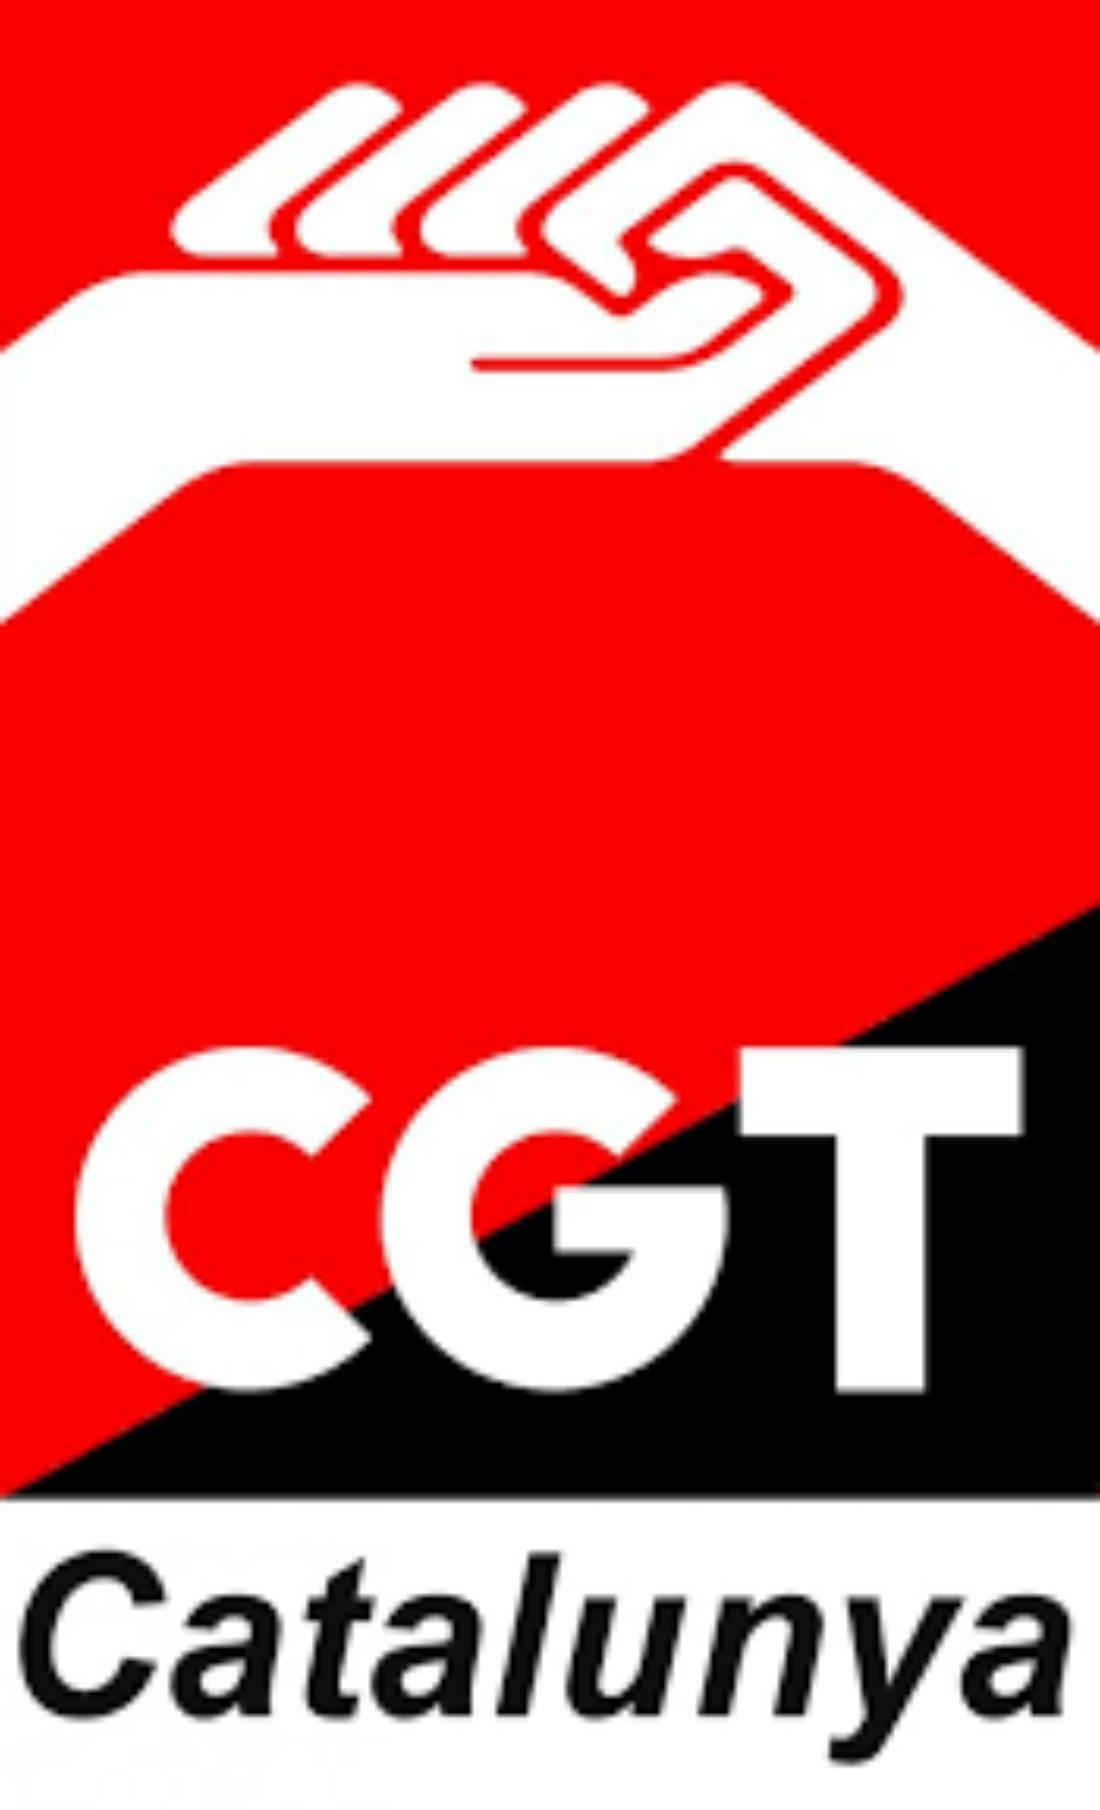 La CGT de Catalunya denuncia a Inspecció de Treball l'ERTO presentat per UGT